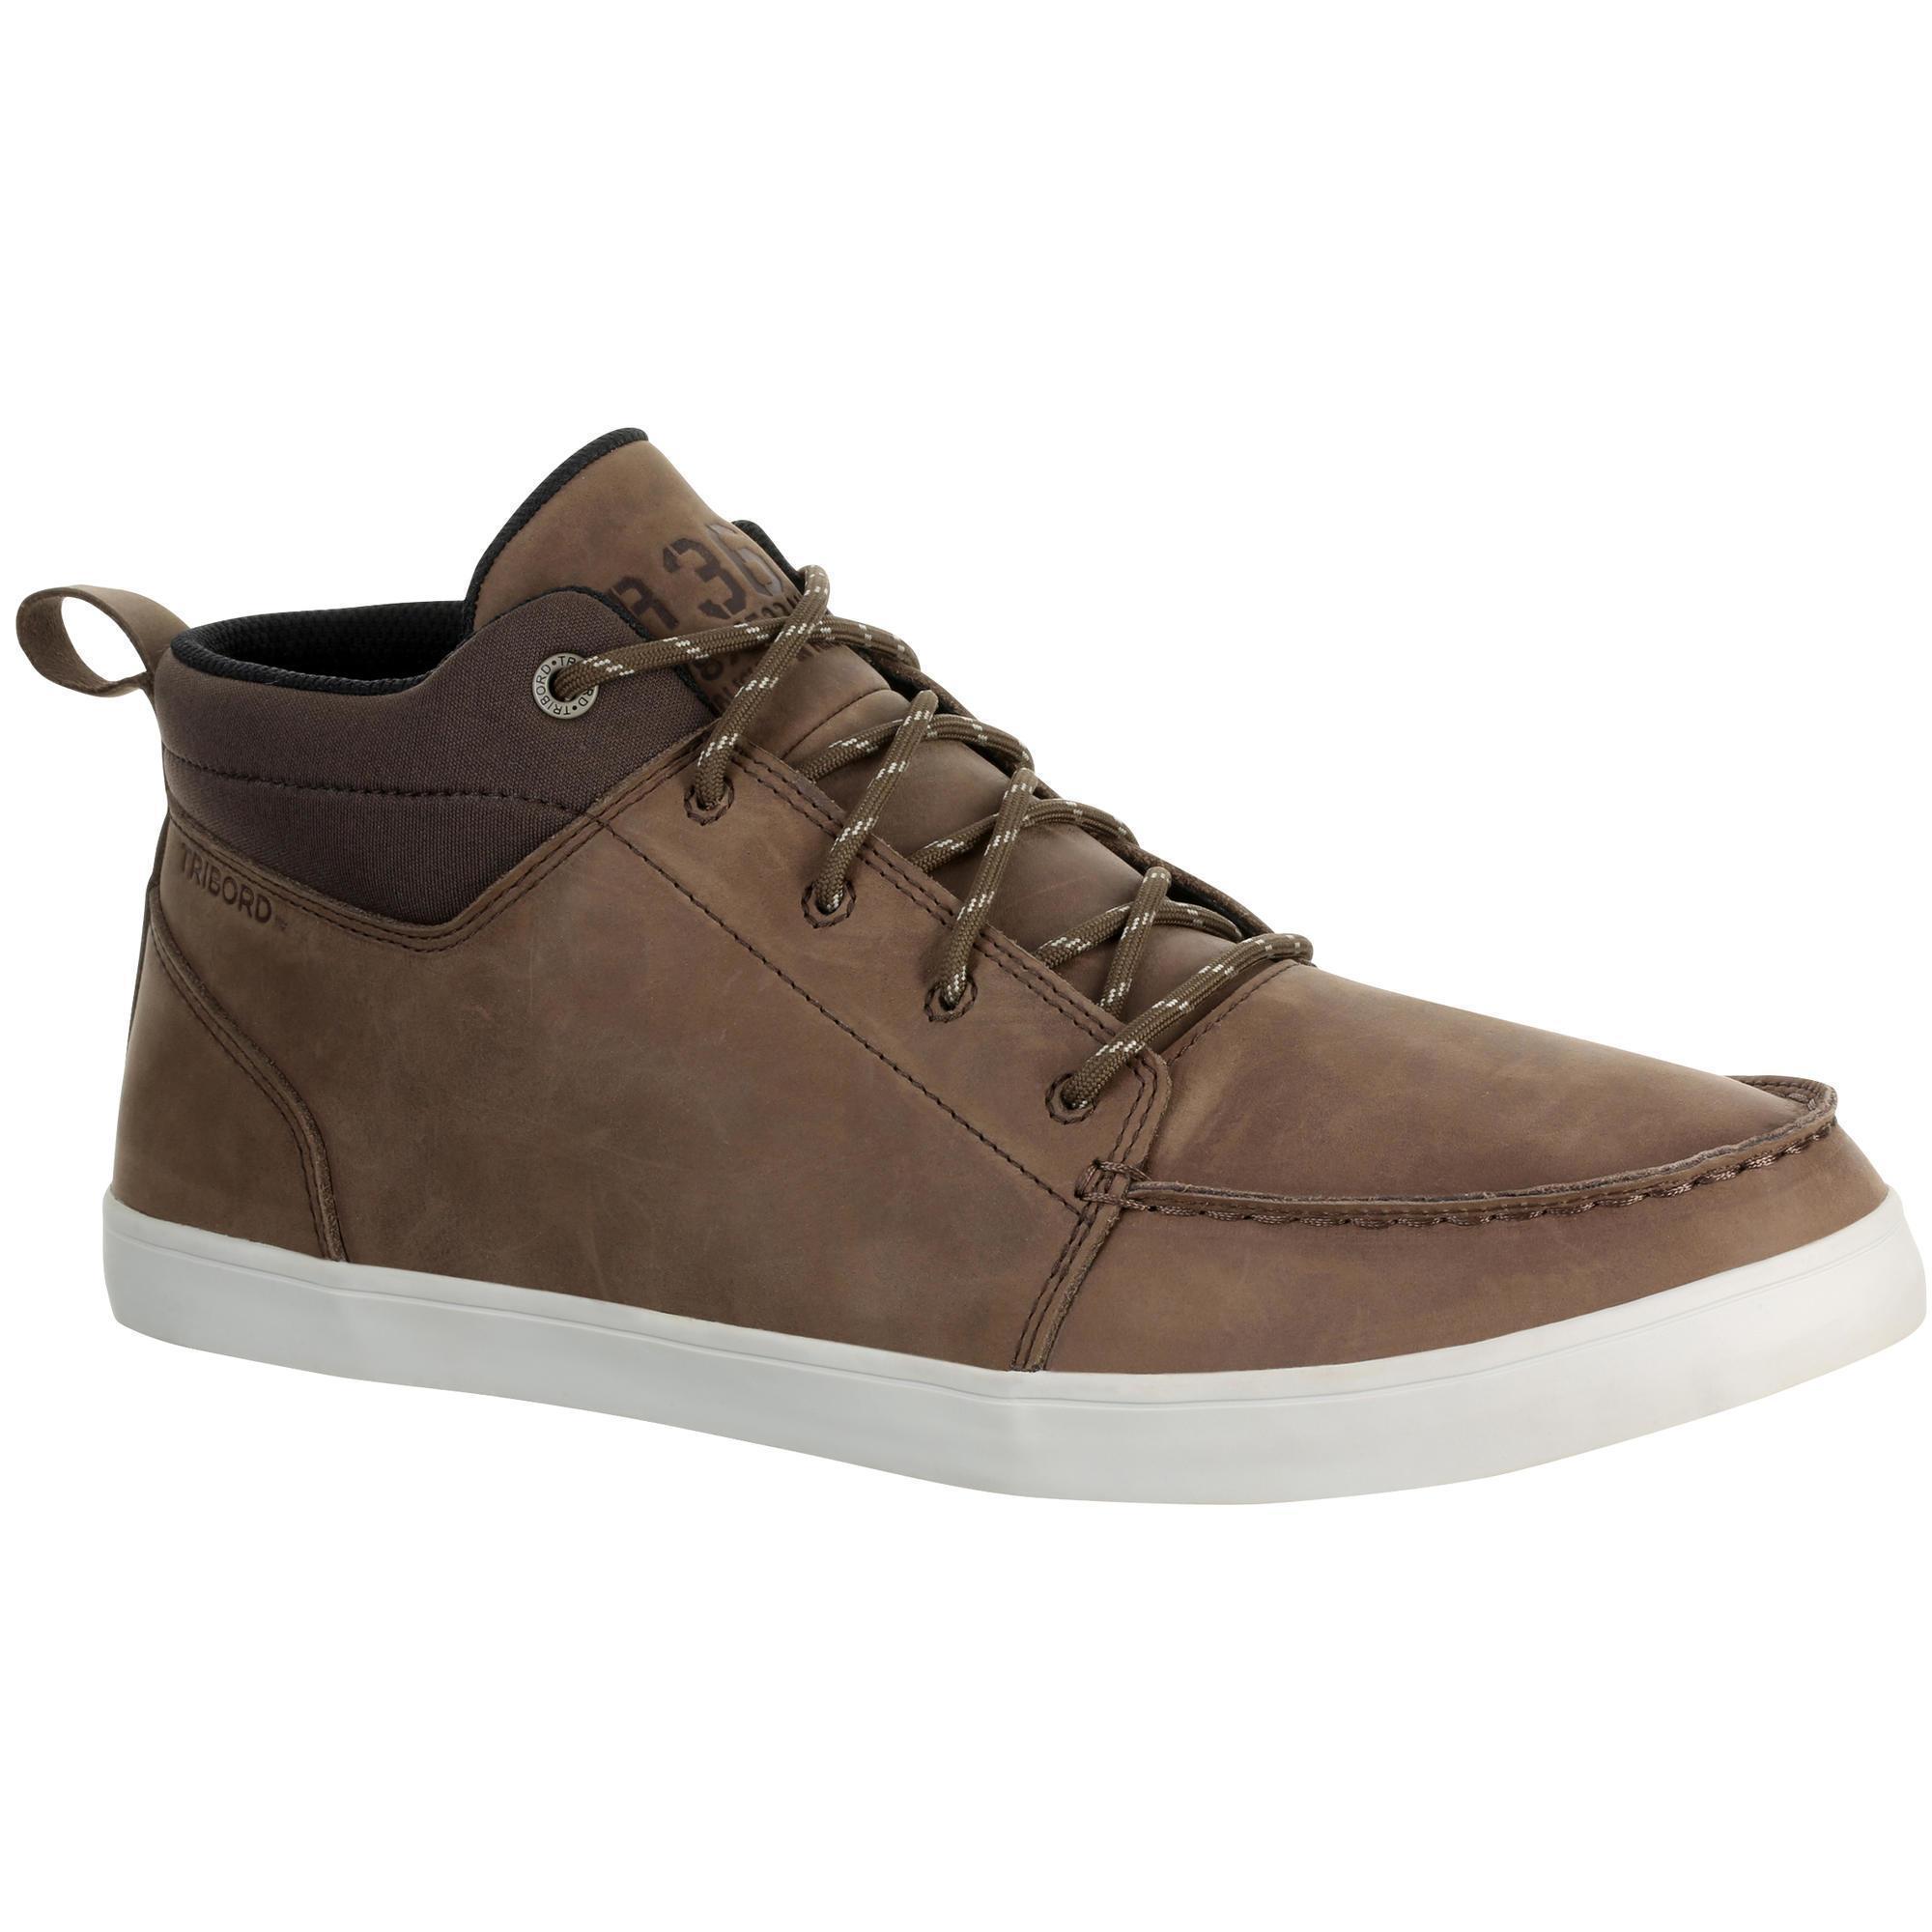 90aa3a1528f chaussures bateau cuir homme kostalde rain marron tribordvoile 8370051 965733.jpg